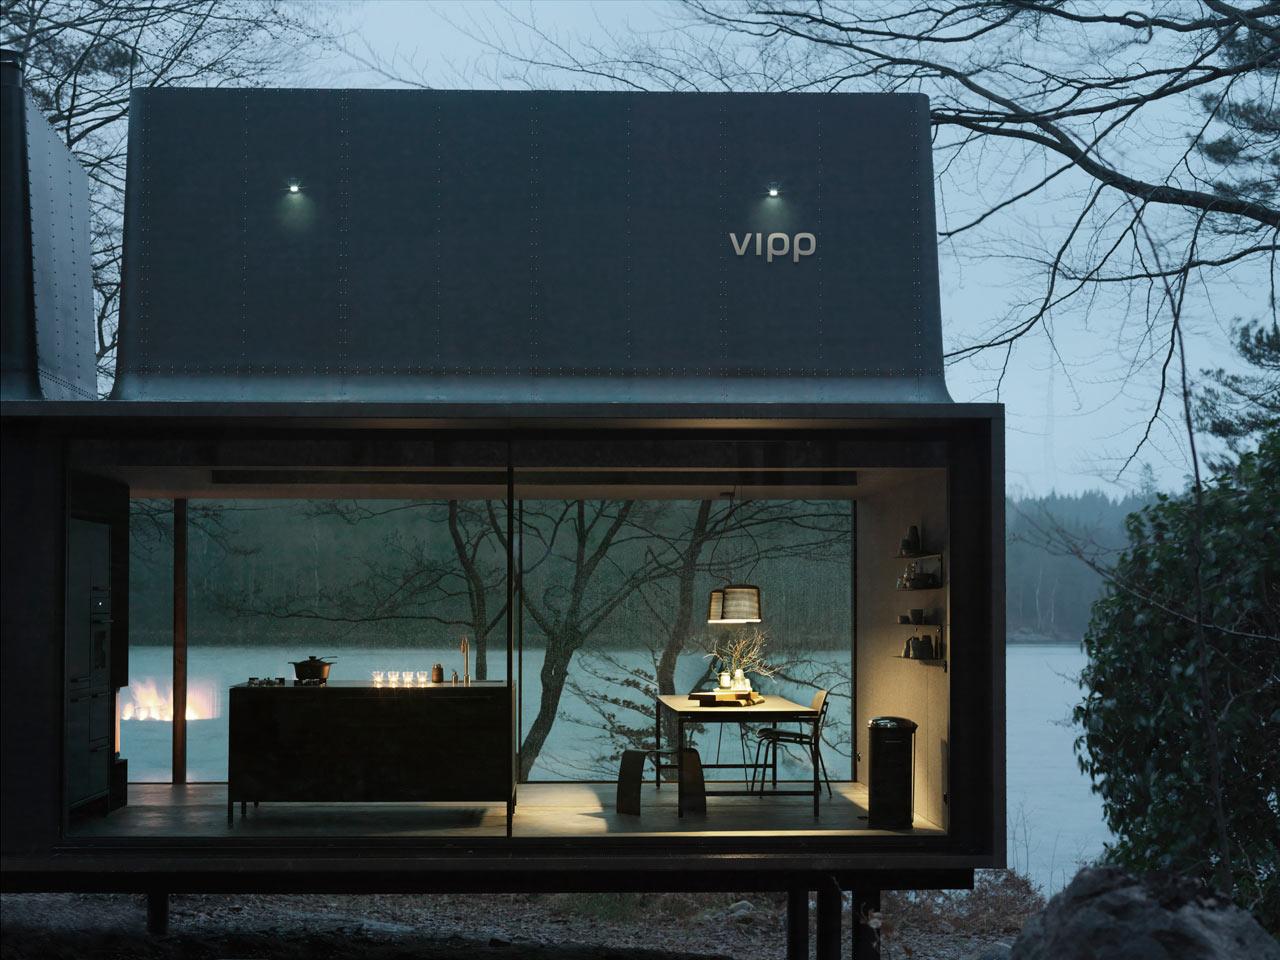 Vipp Creates Shelter